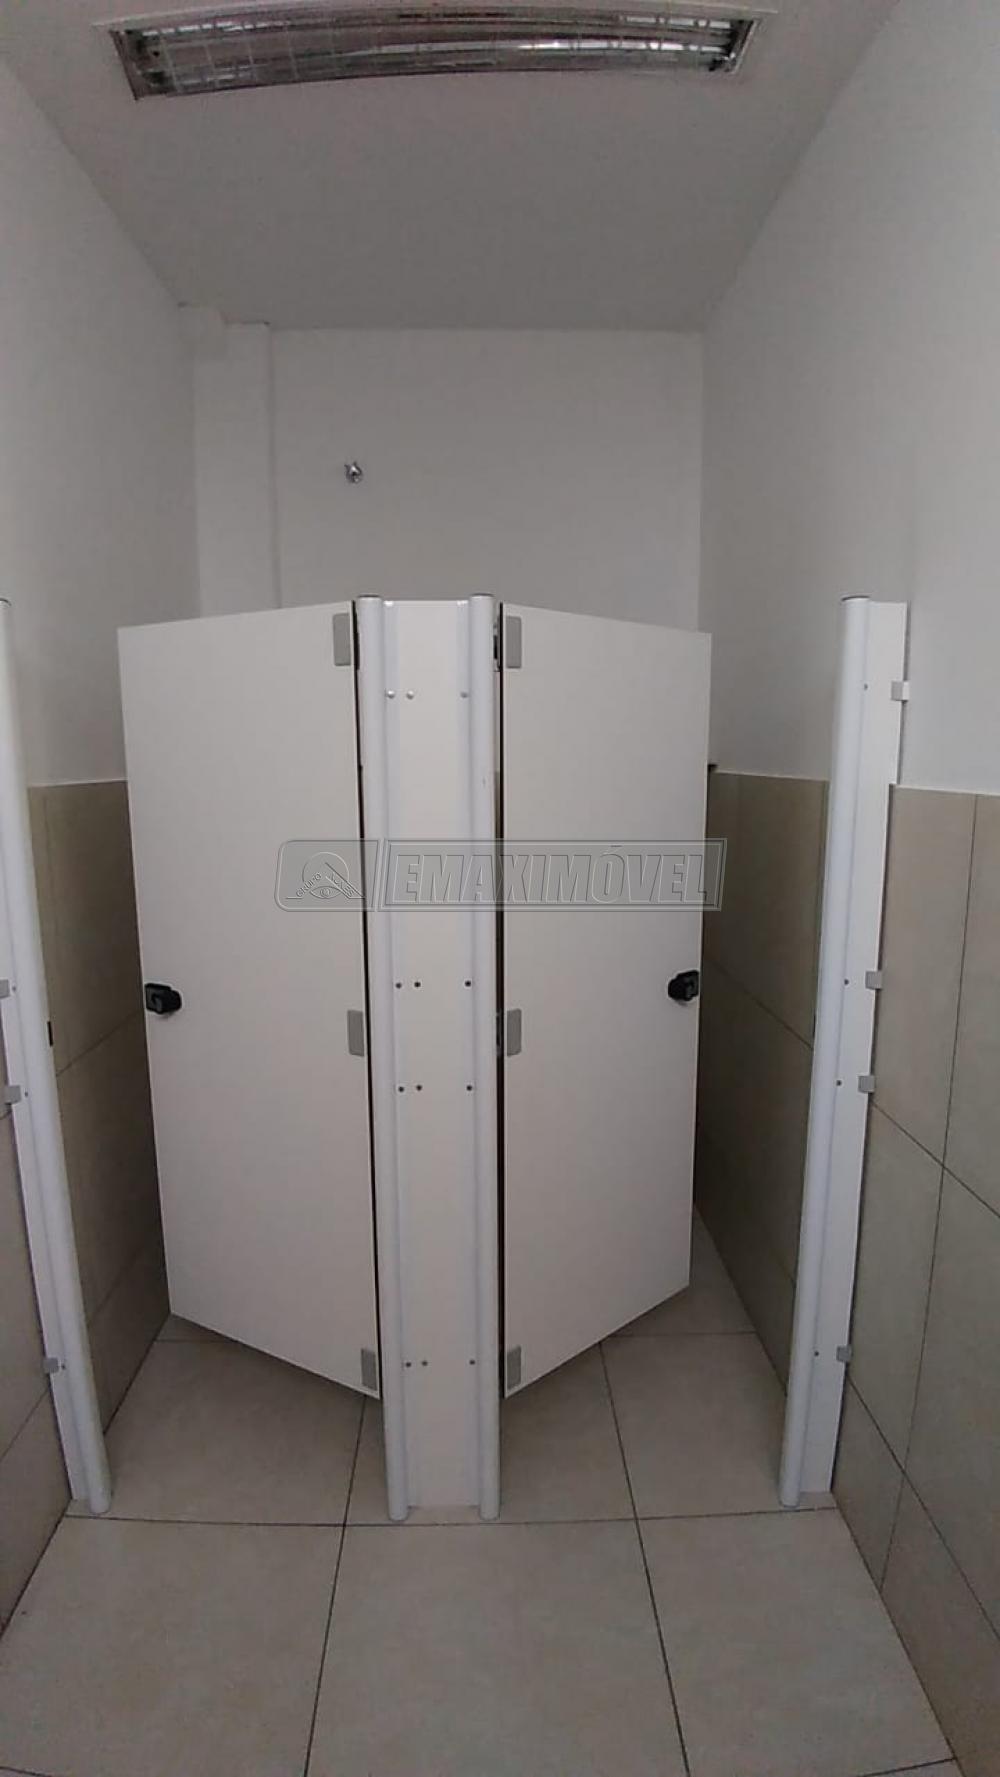 Alugar Comercial / Salões em Sorocaba apenas R$ 2.560,00 - Foto 8